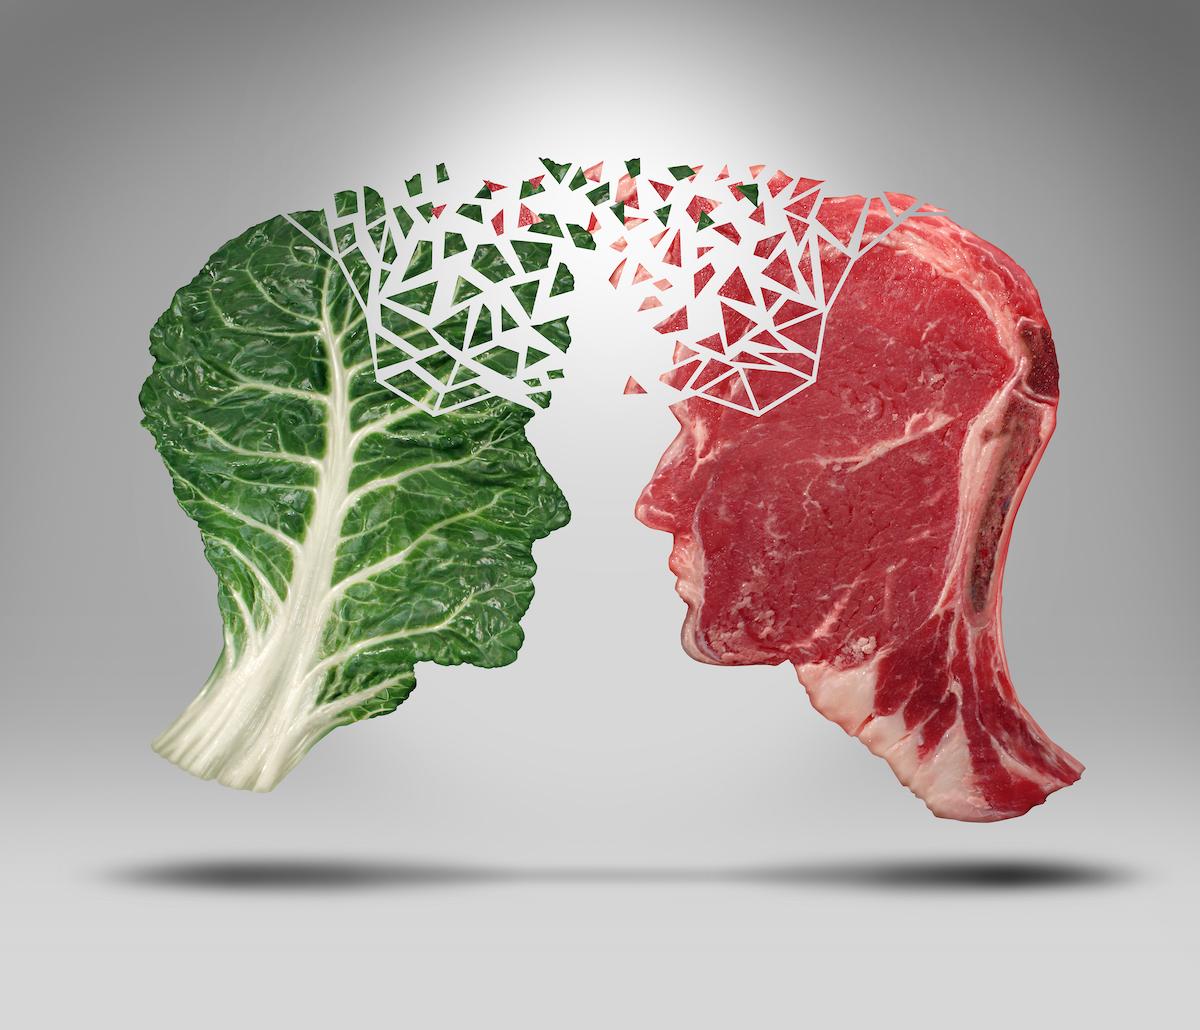 vegane-ernährung-bei-hashimoto